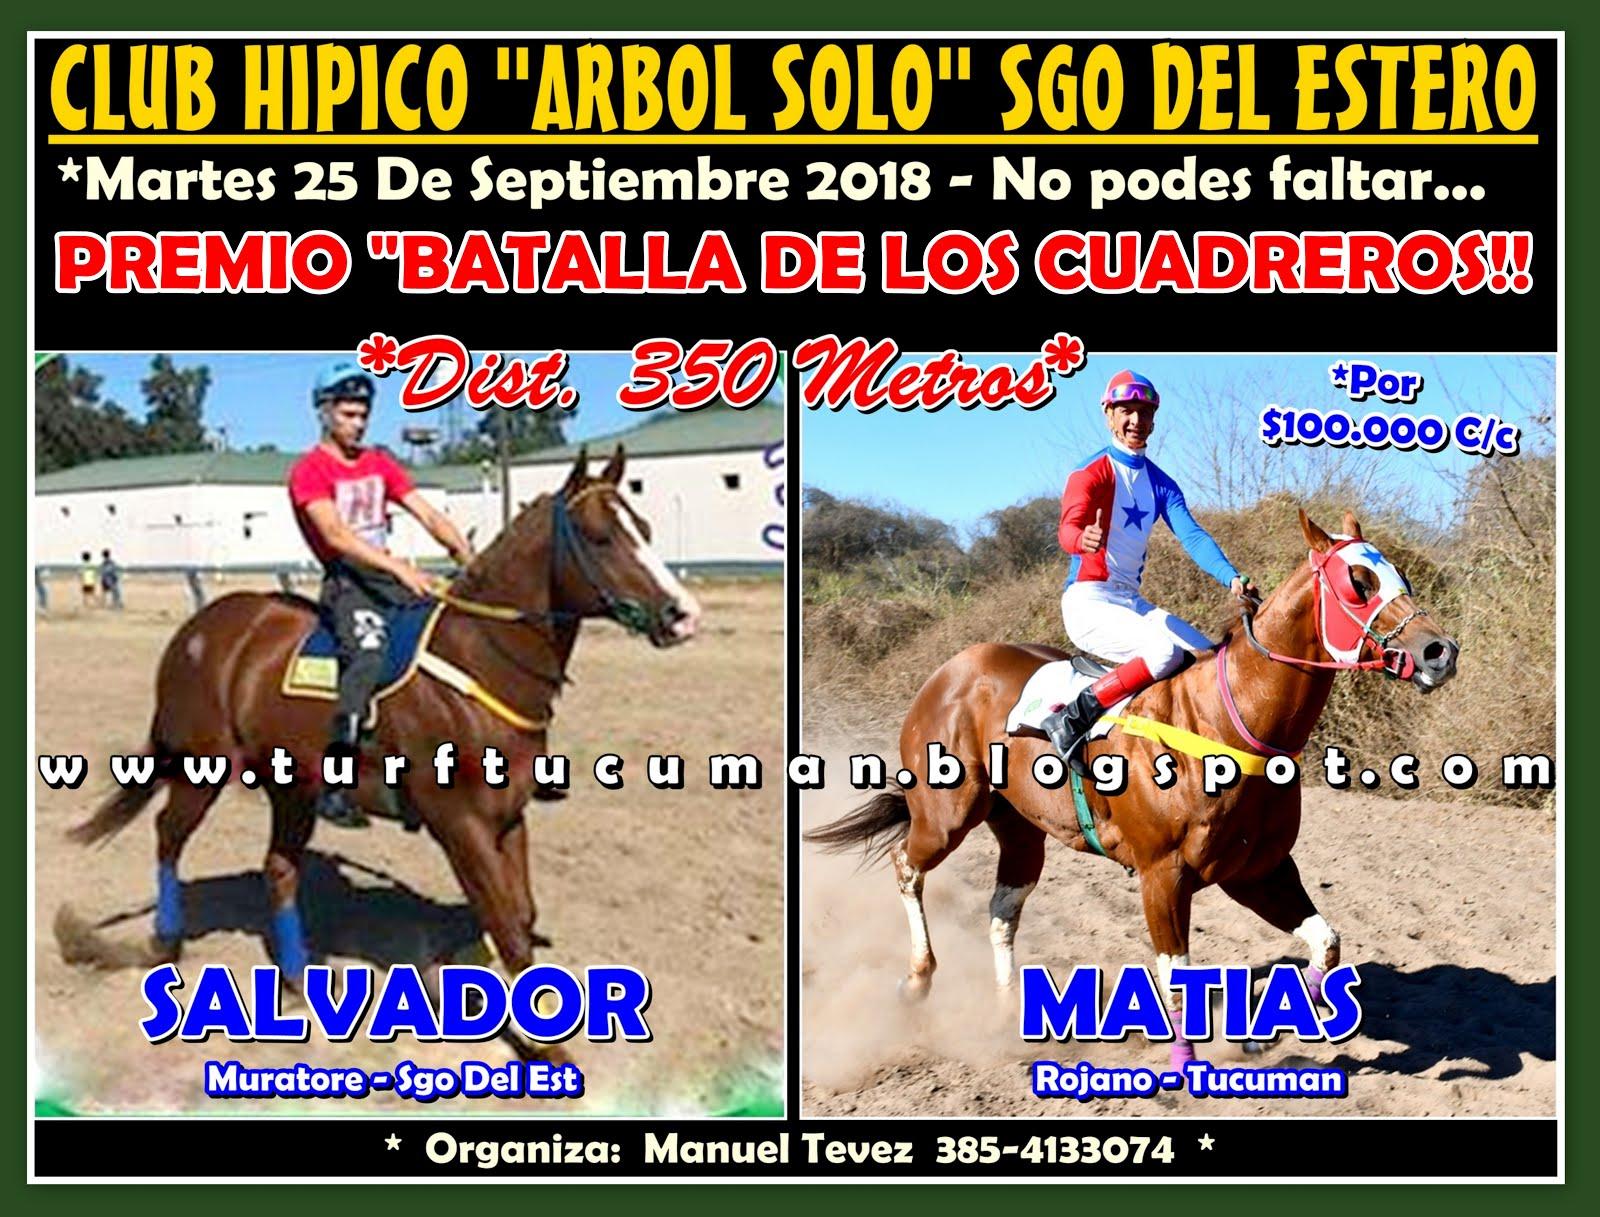 SALVADOR VS MATIAS